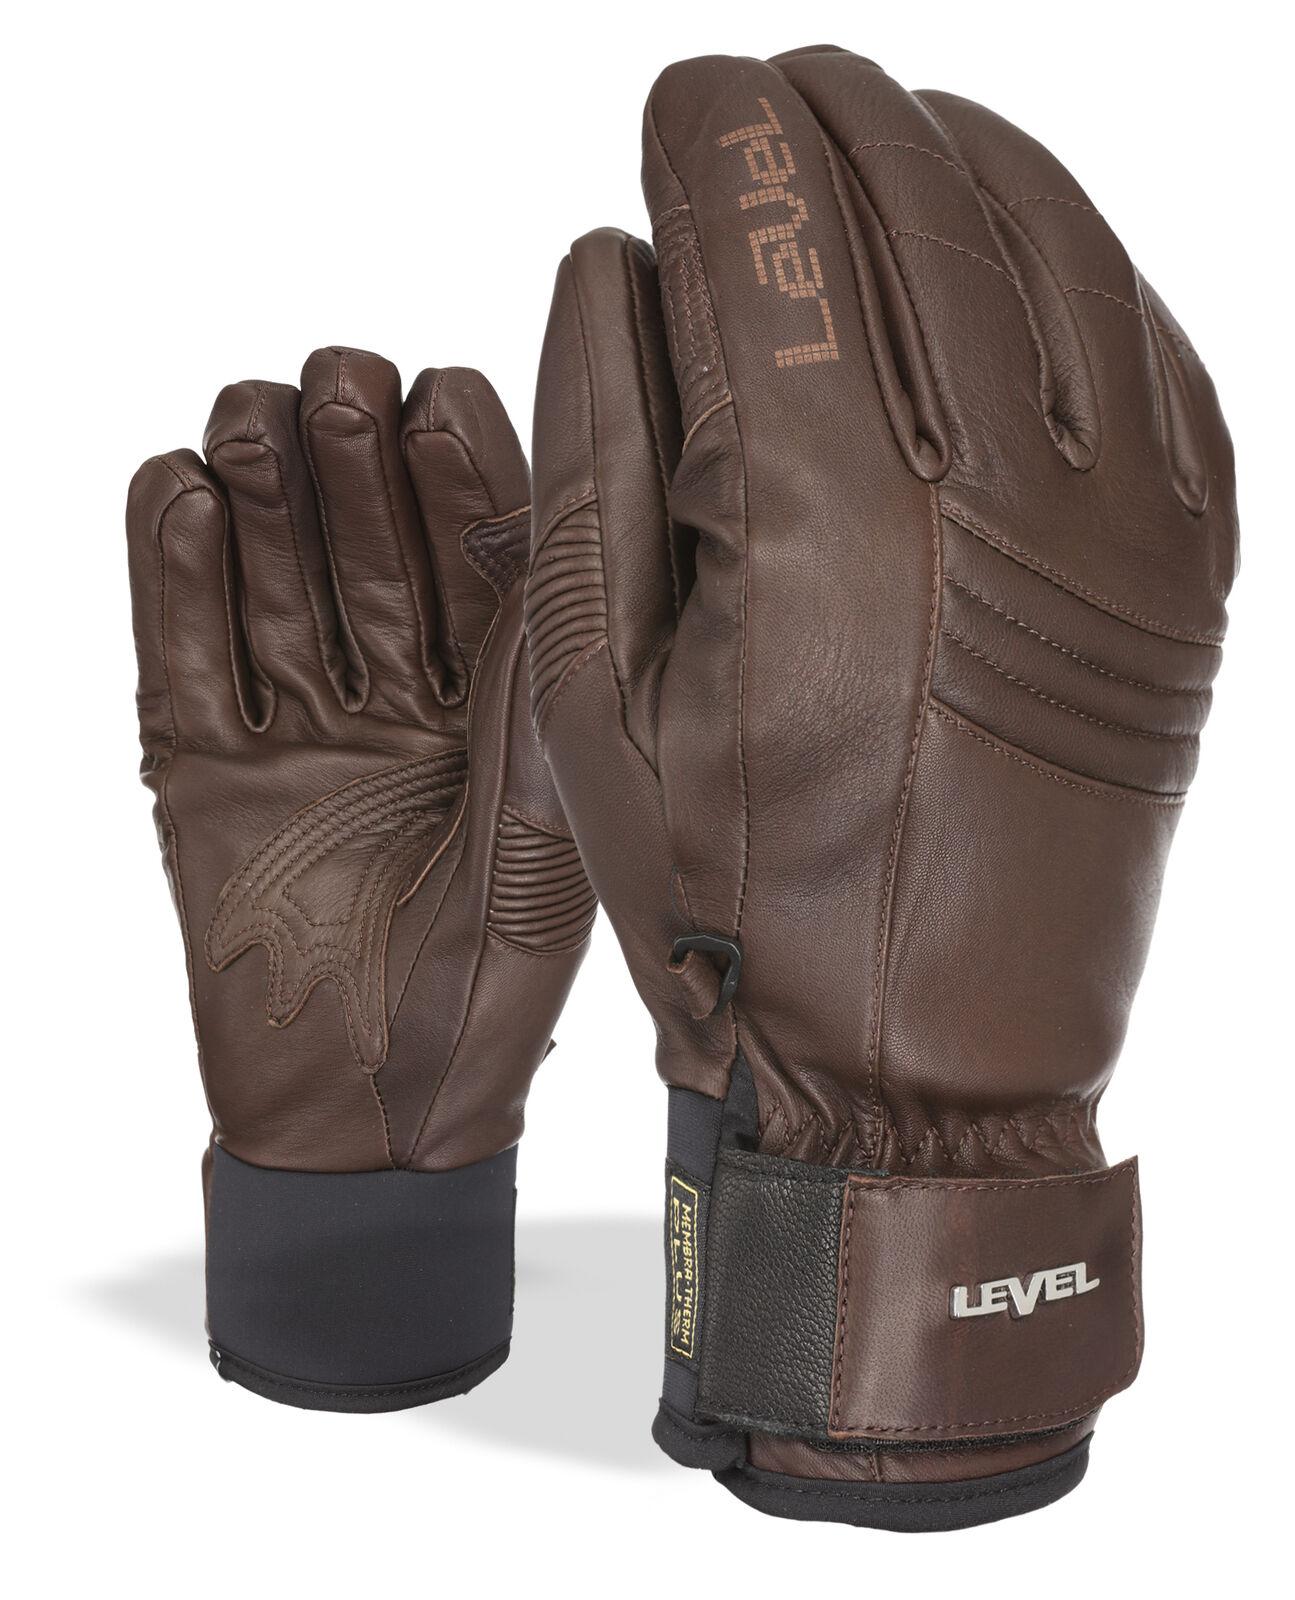 Level Handschuh Skihandschuh braun Rexford Primaloft® Thermo-Plus